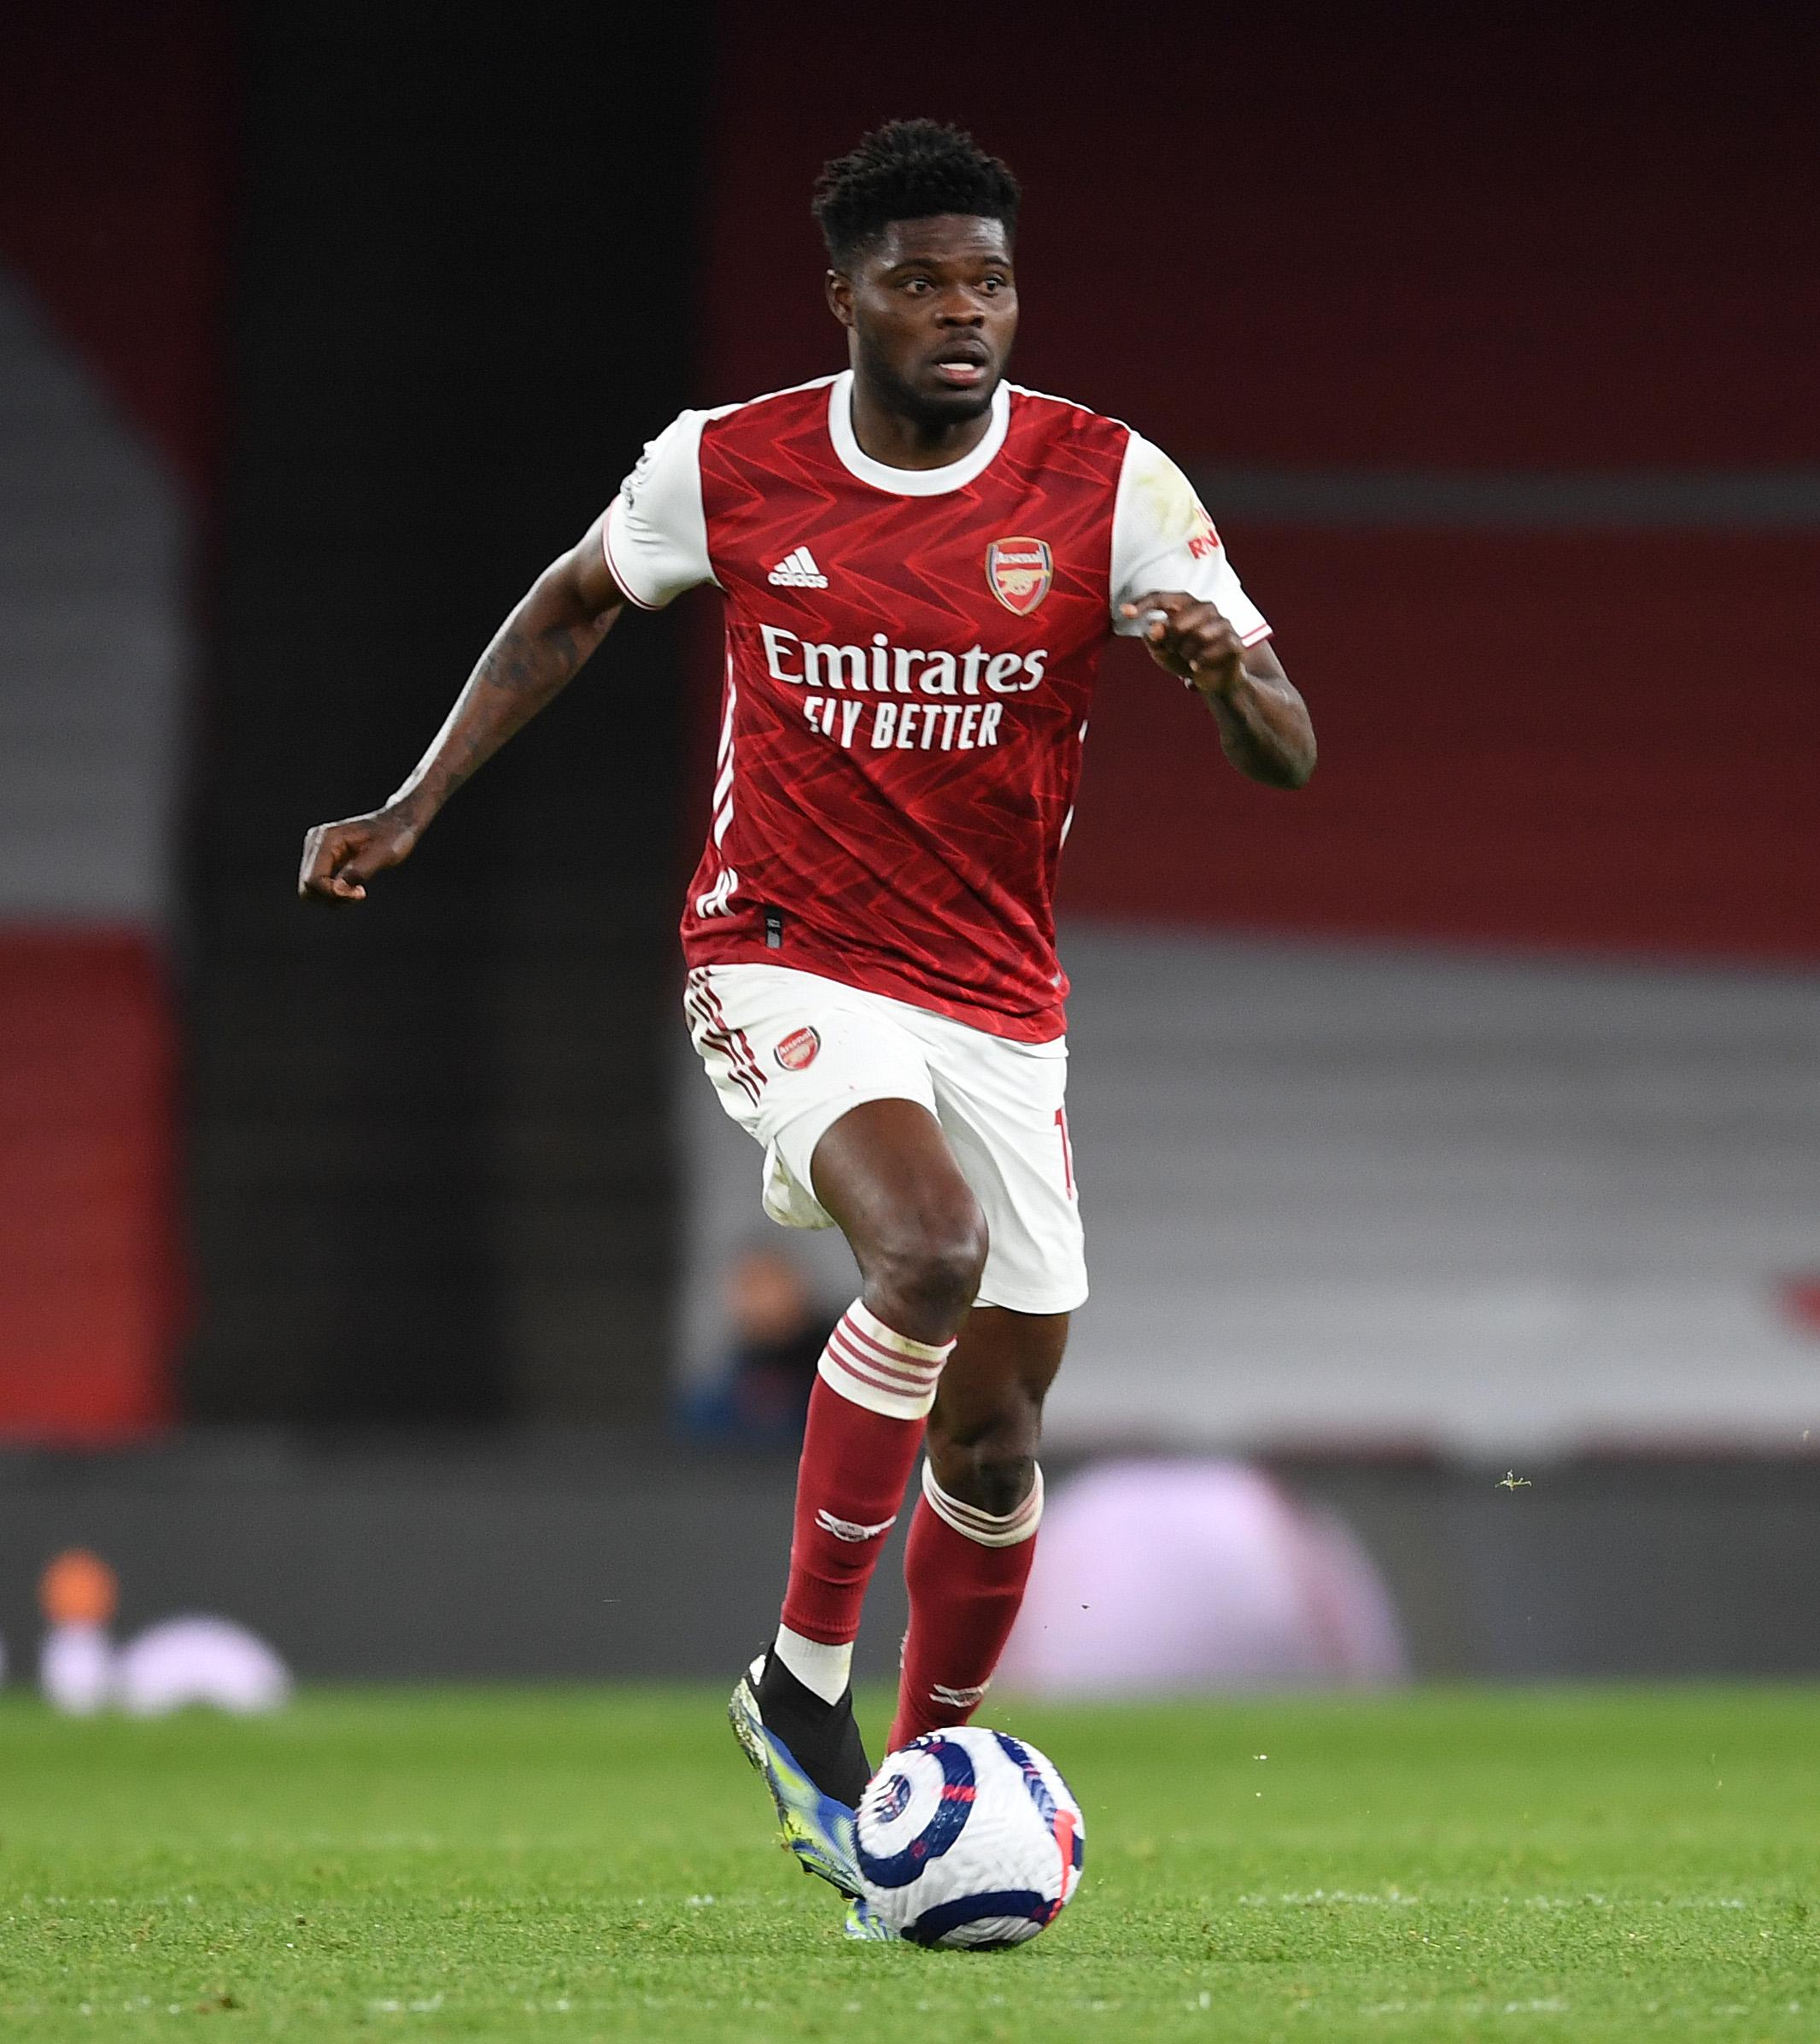 Thomas Partey in action against Tottenham